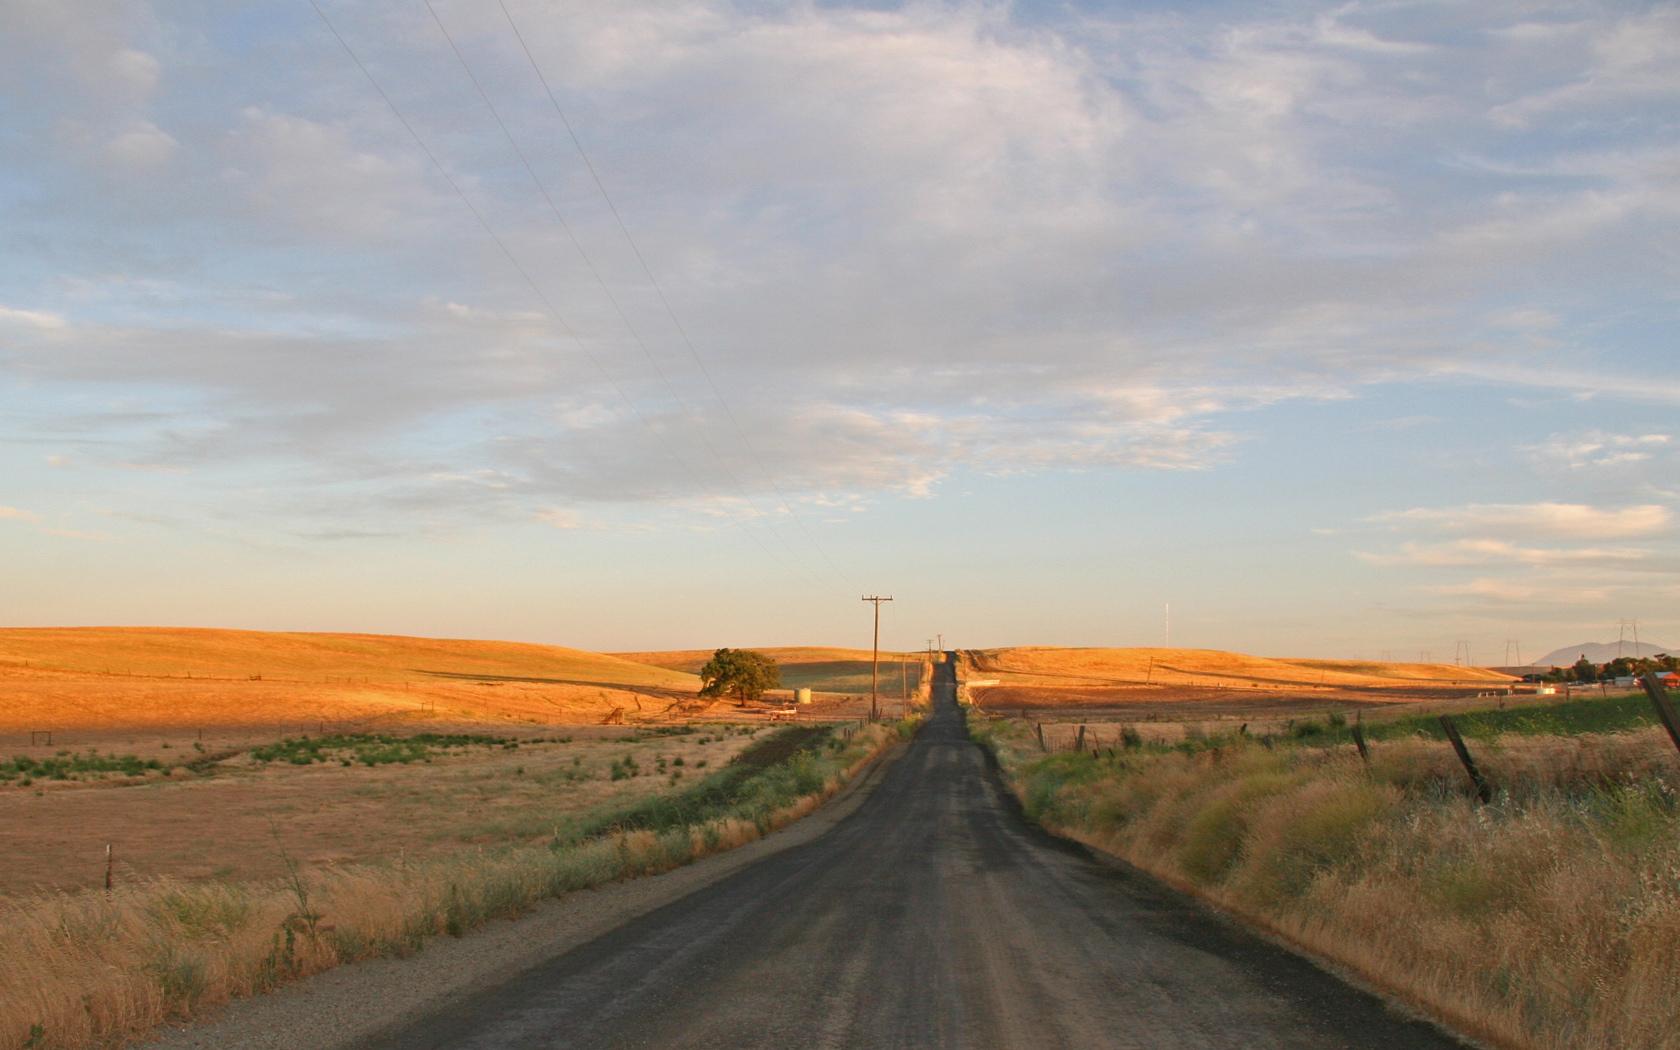 Рисунок горизонт, бесплатные фото ...: pictures11.ru/risunok-gorizont.html